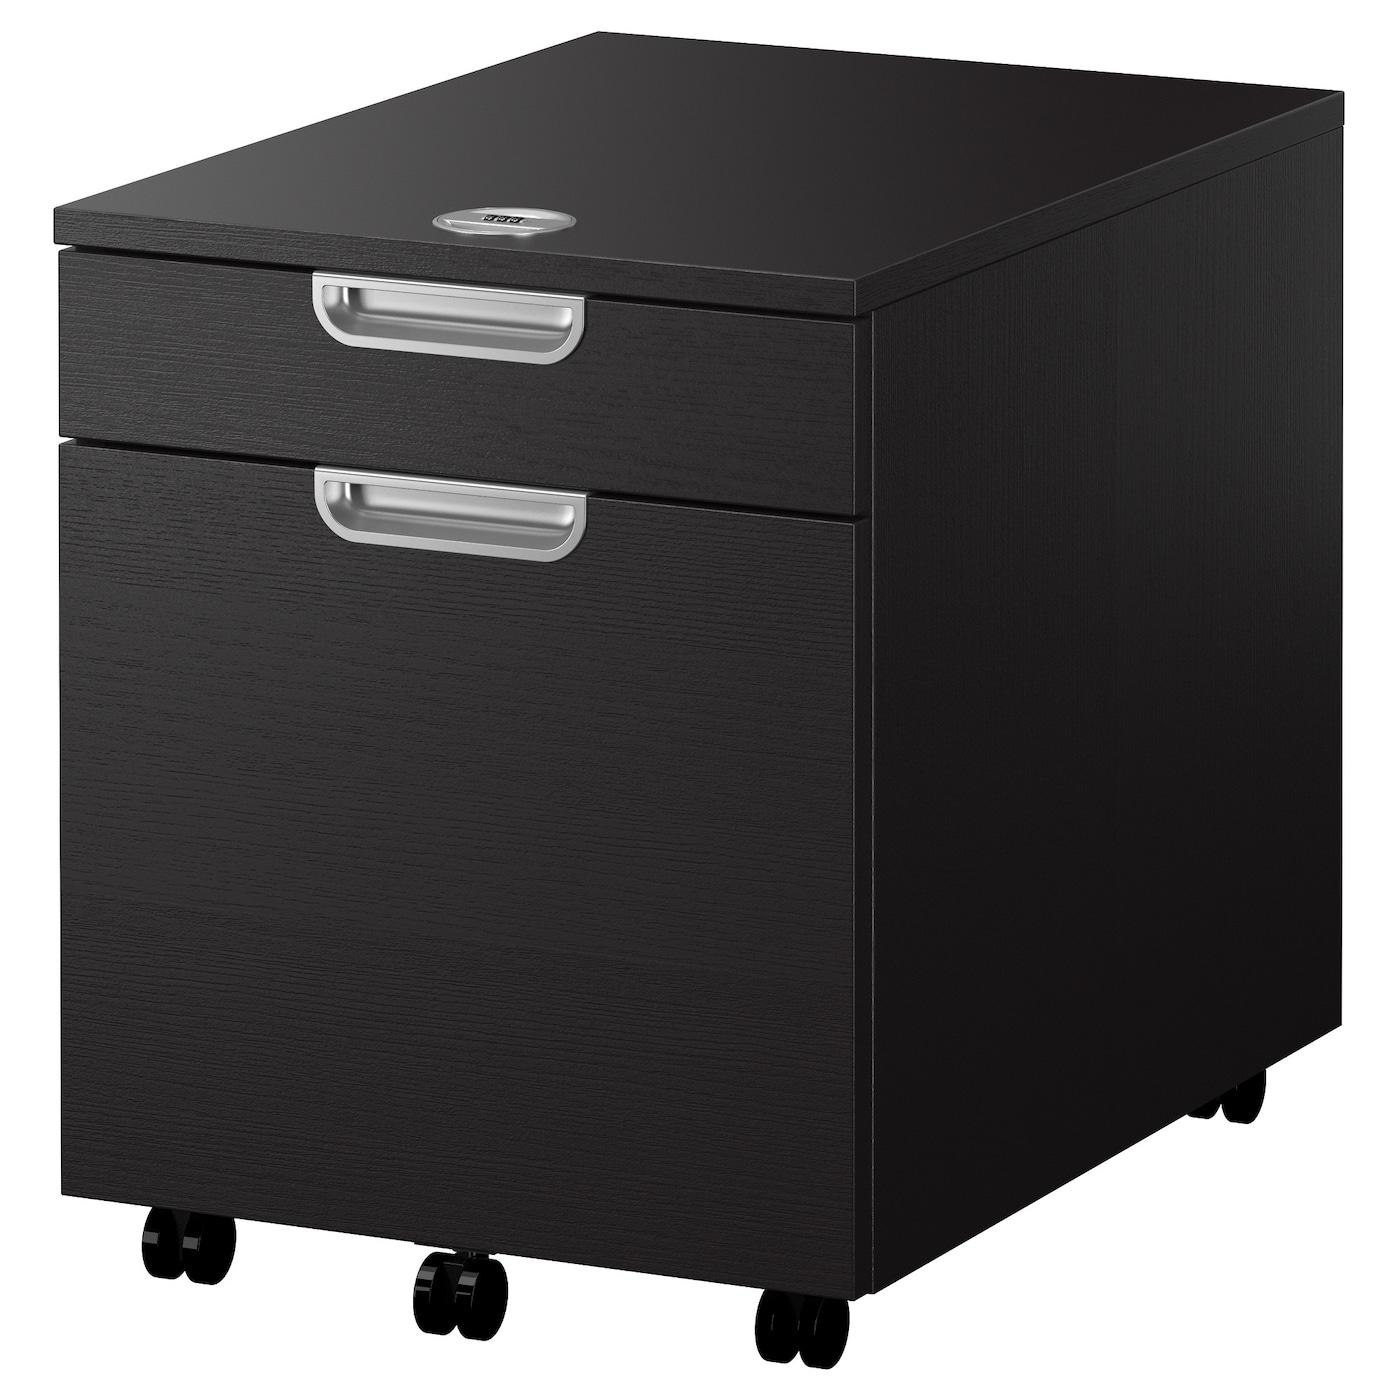 galant caisson dossiers suspendus brun noir 45x55 cm ikea. Black Bedroom Furniture Sets. Home Design Ideas